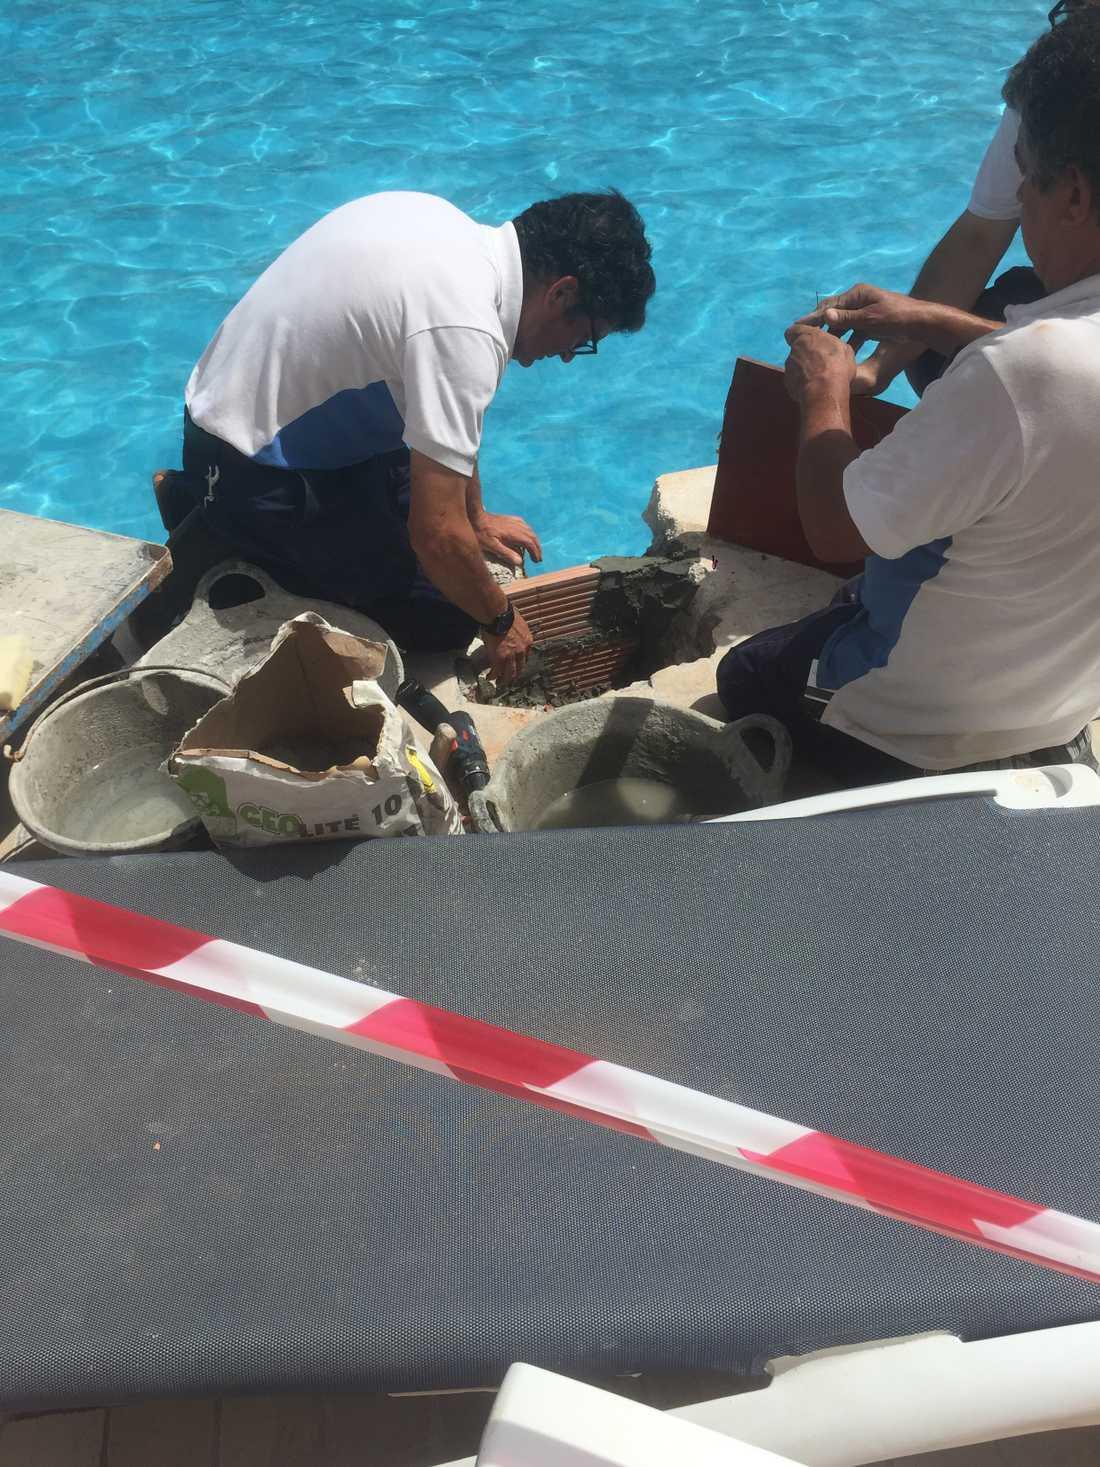 Pojkens arm gick inte att få loss. Till slut sågades hela röret bort från poolen.